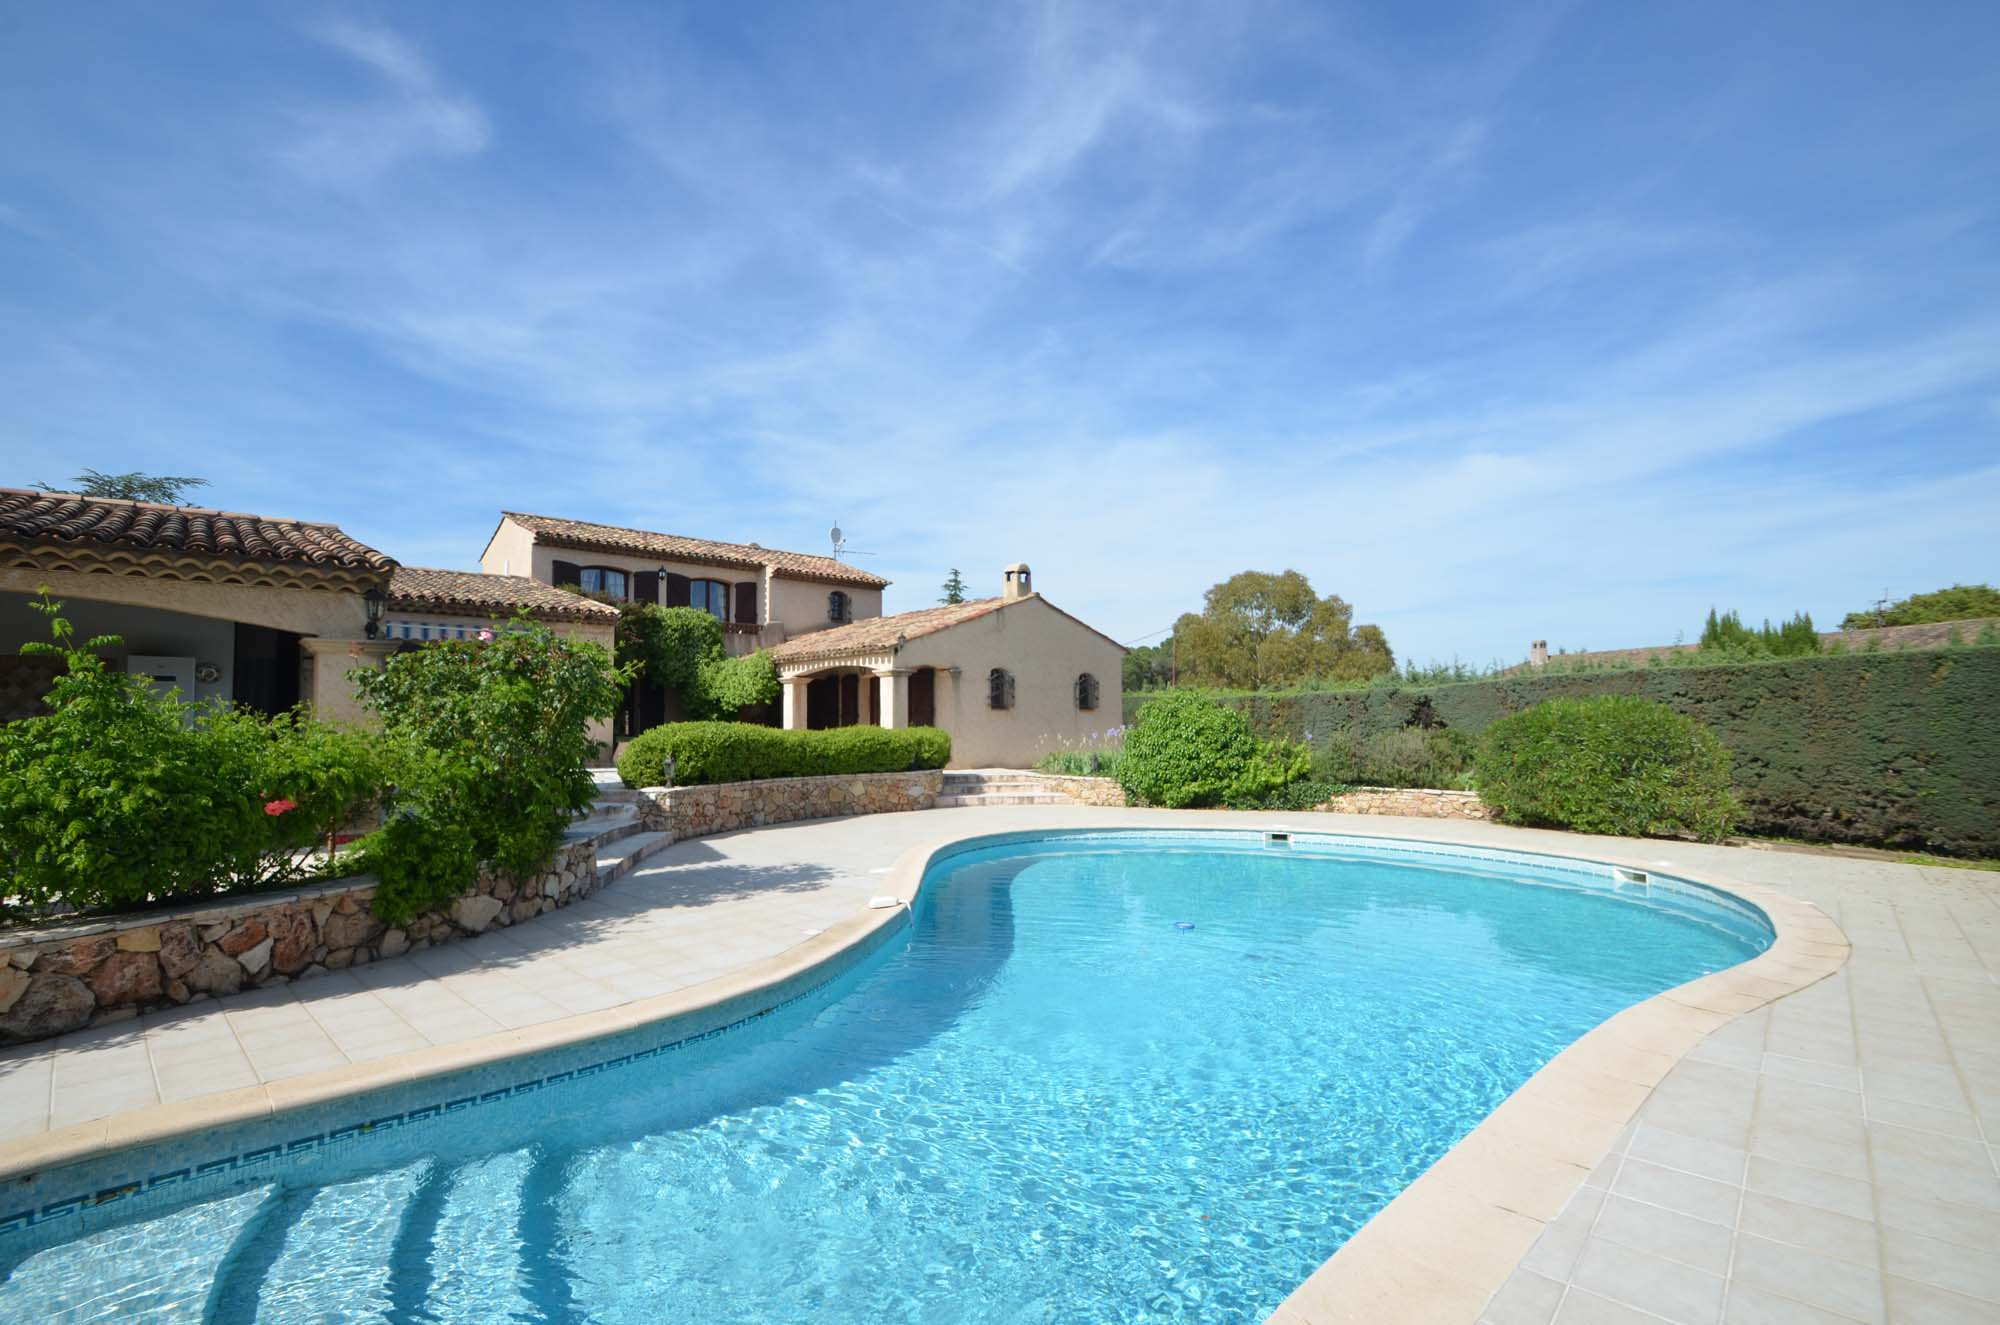 Vakantiehuis in Puget-sur-Argens met zwembad, in Provence-Côte d'Azur.